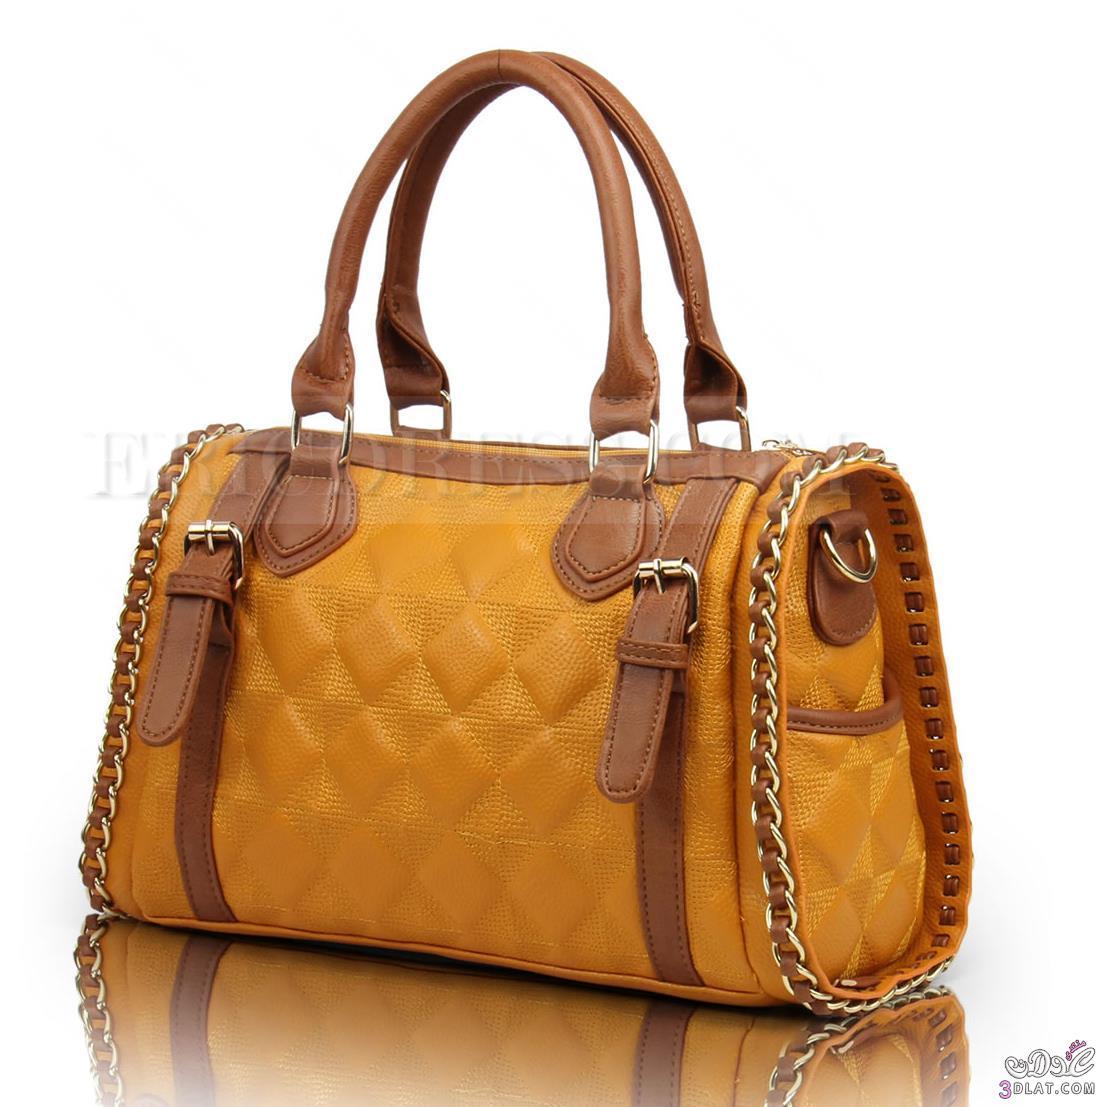 شنطة موضة2014,شنط كبيرة ,شنط نسائية,حقائب